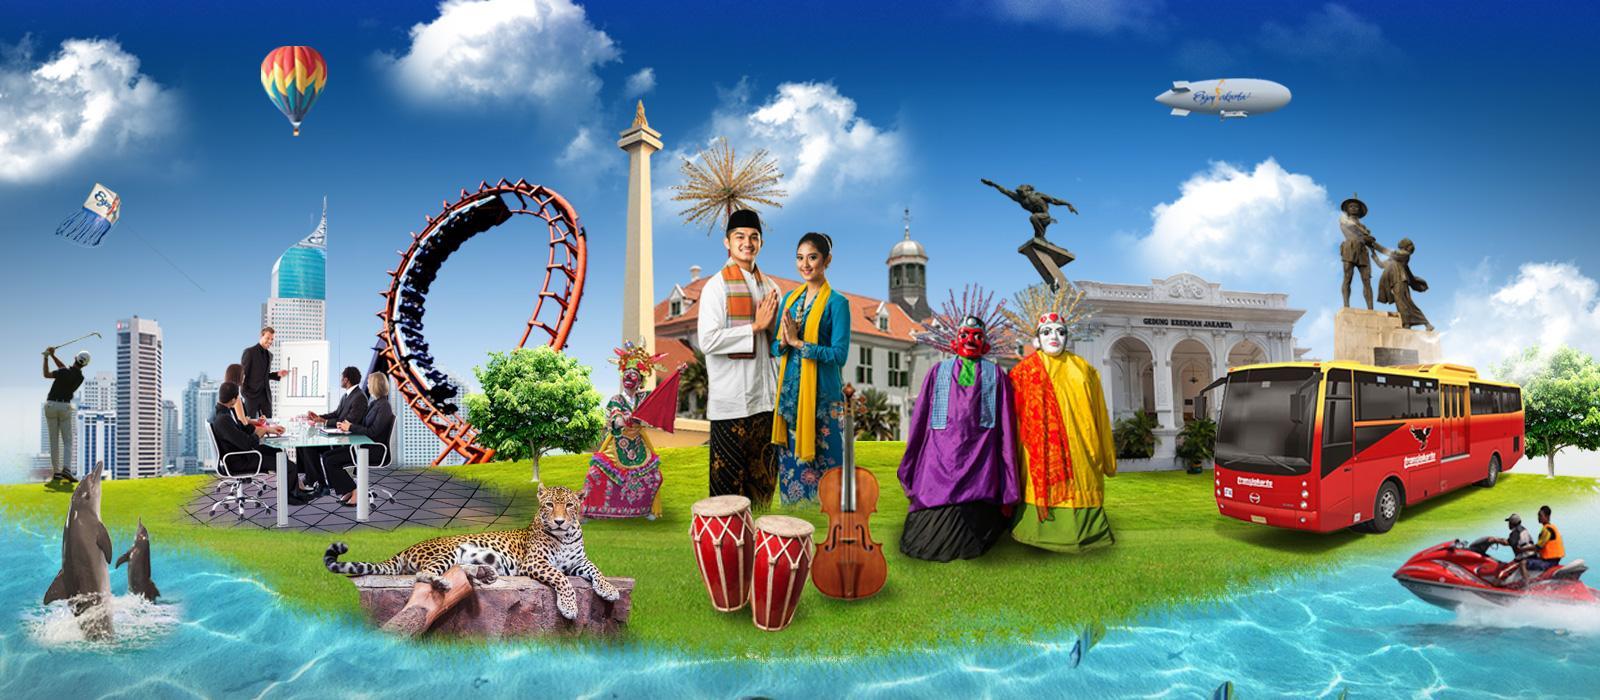 Onyx Residence Penginapan Terbaik Terjangkau Jakarta Top Ocean Dream Ancol